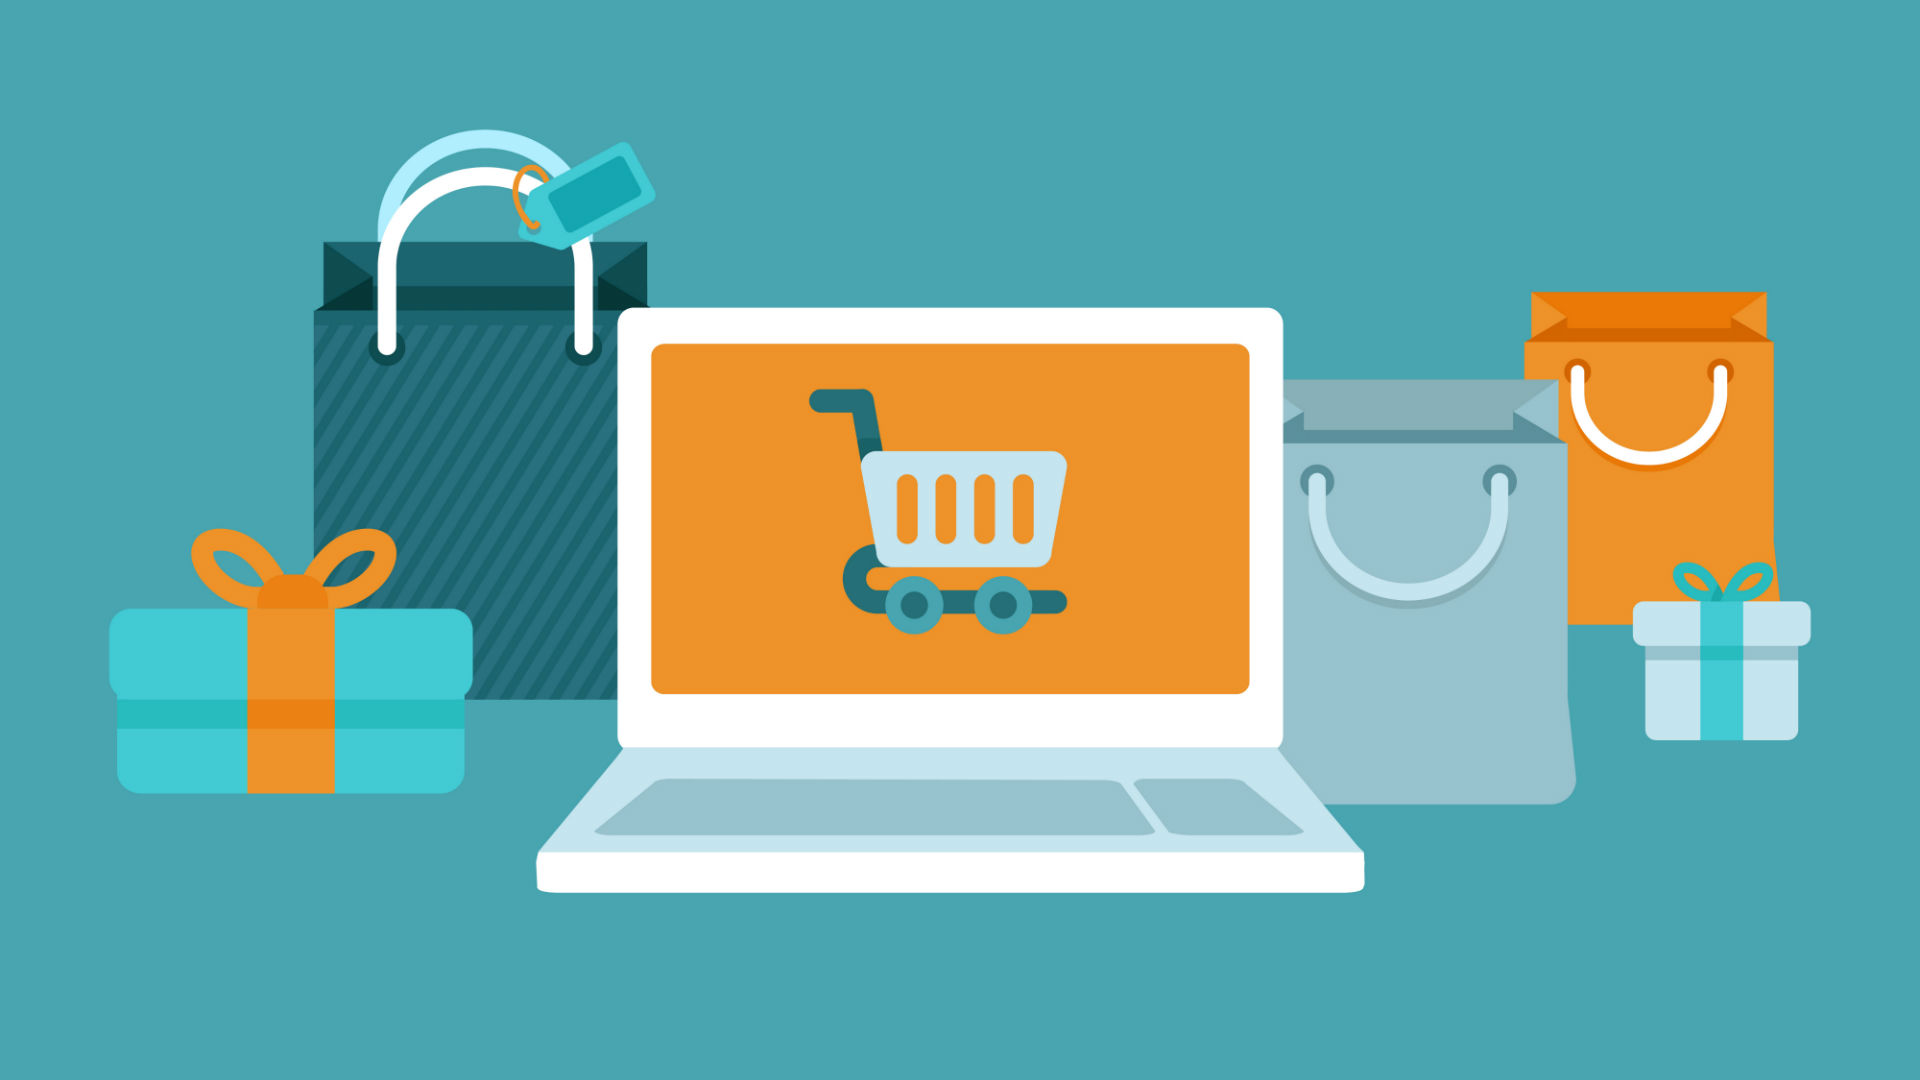 E-commerce, lona online, comércio eletrônico, Black Friday 2016